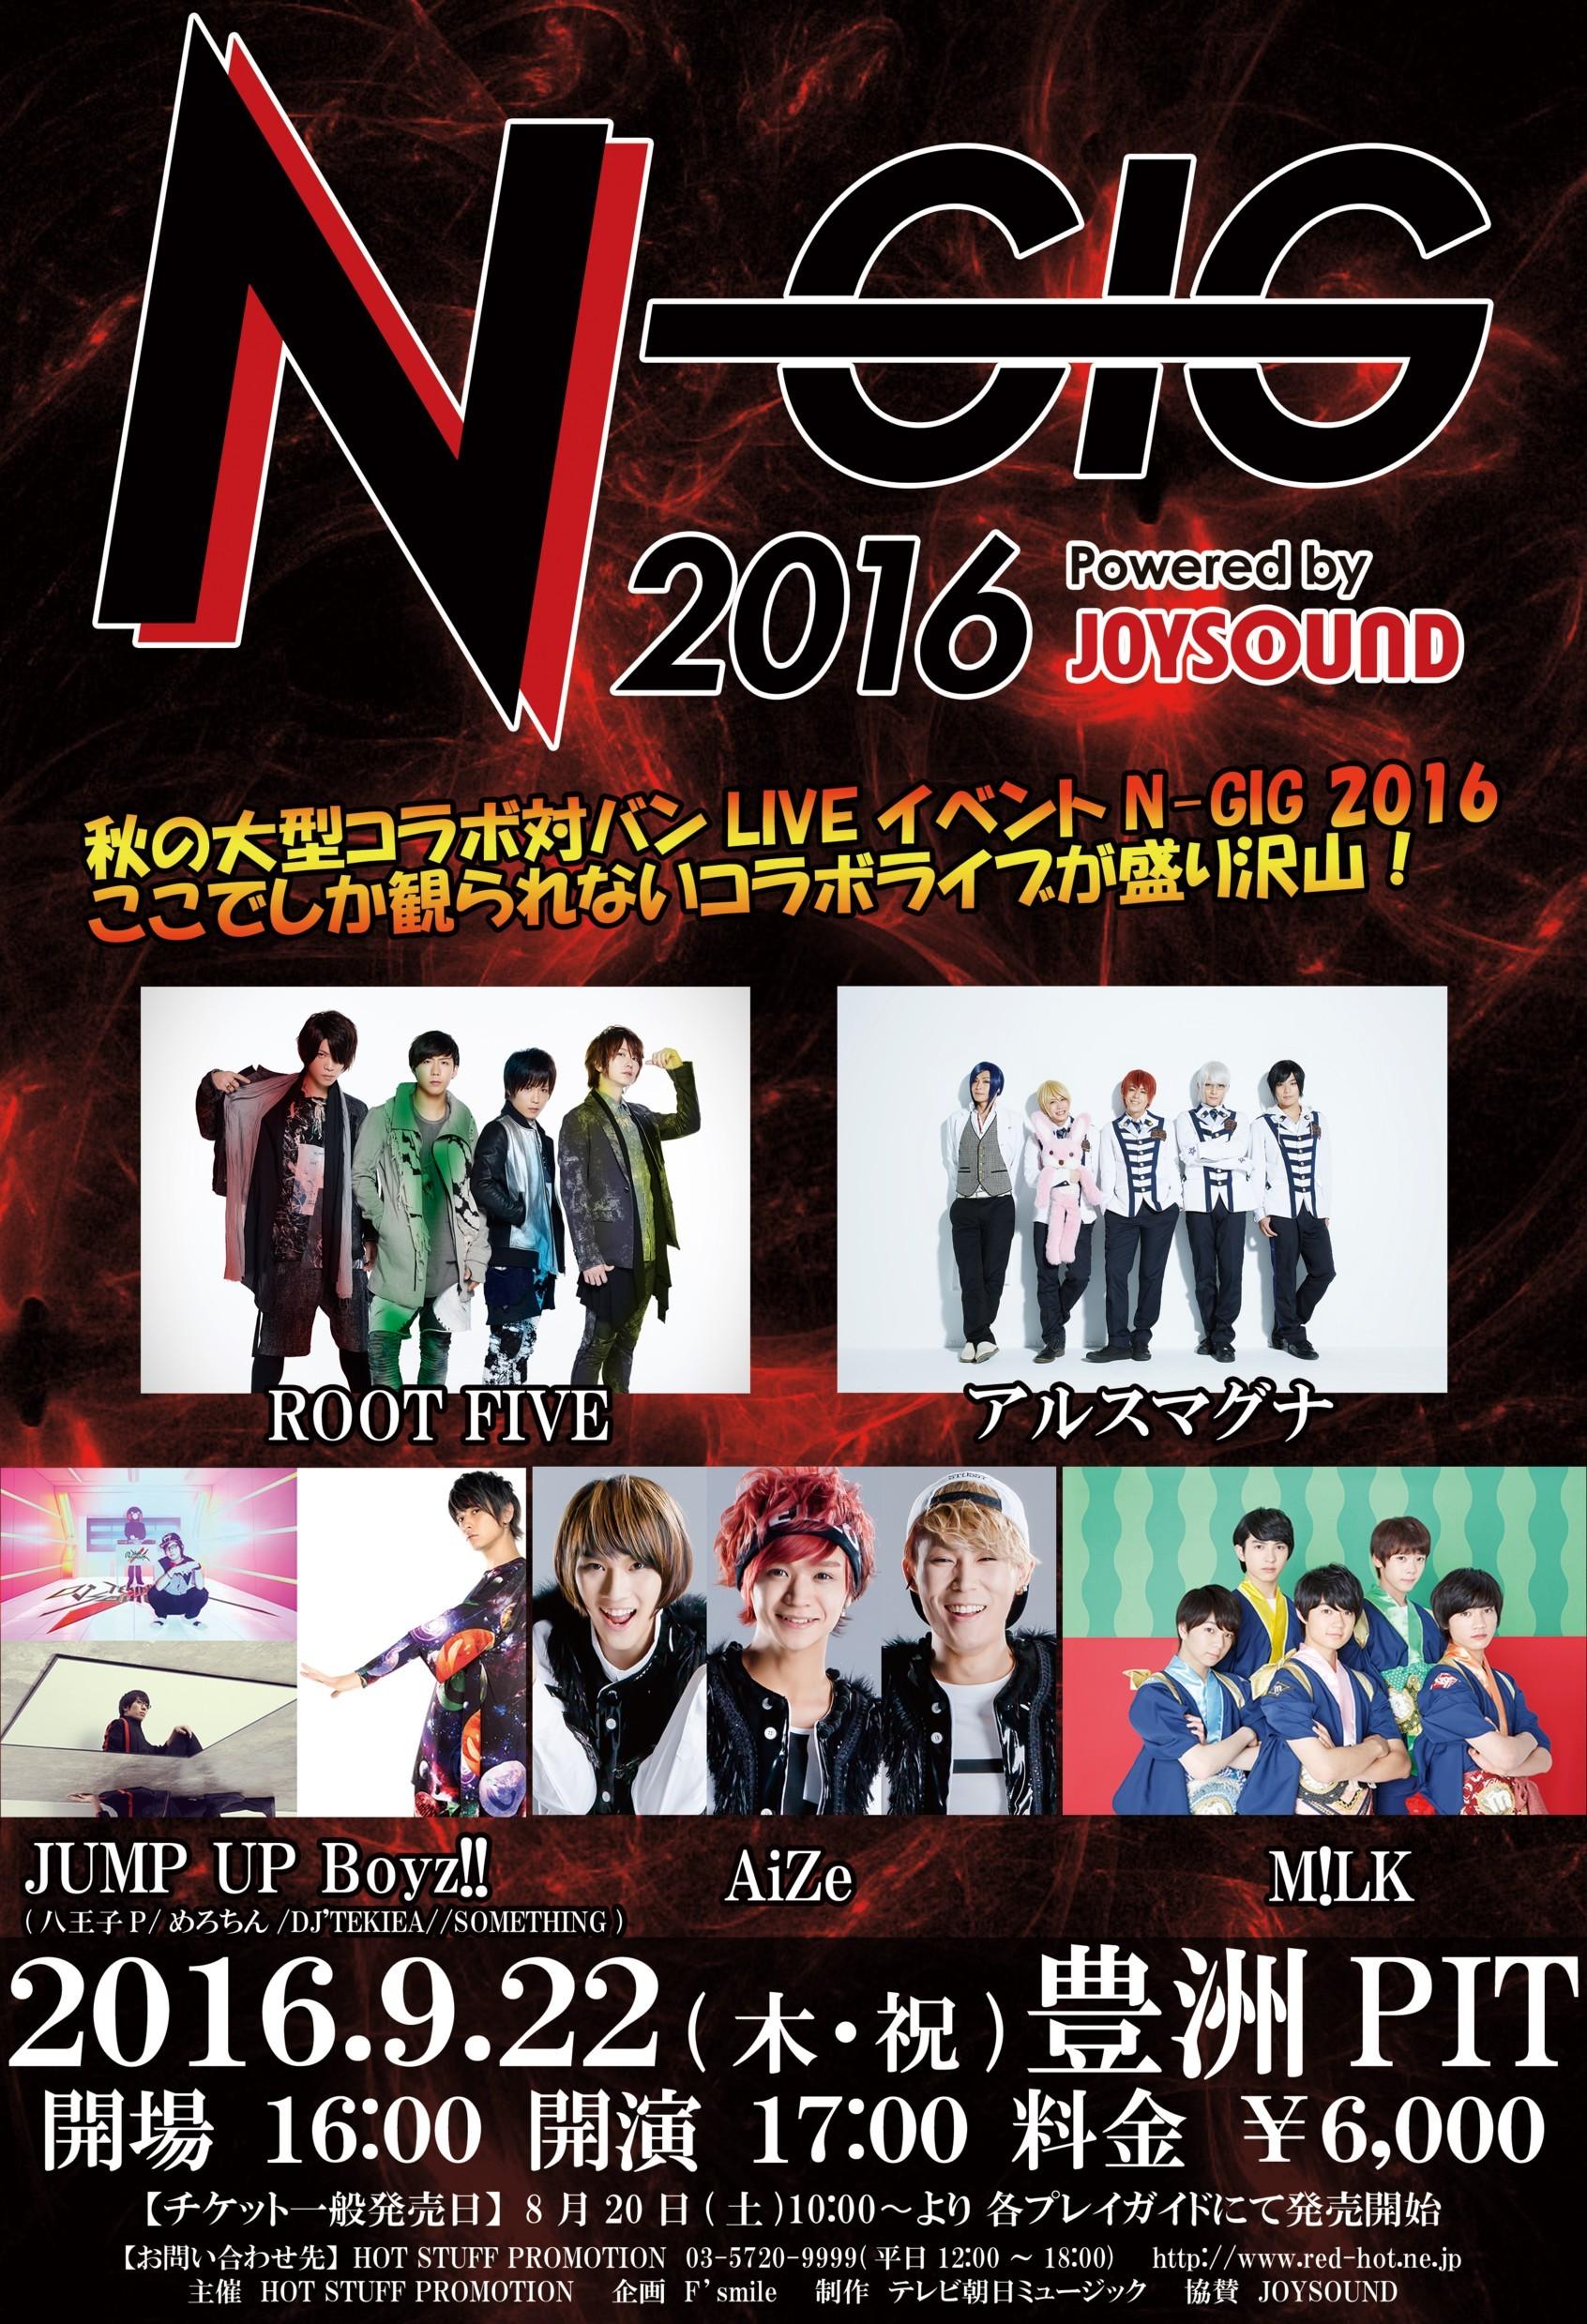 『N-GIG 2016』